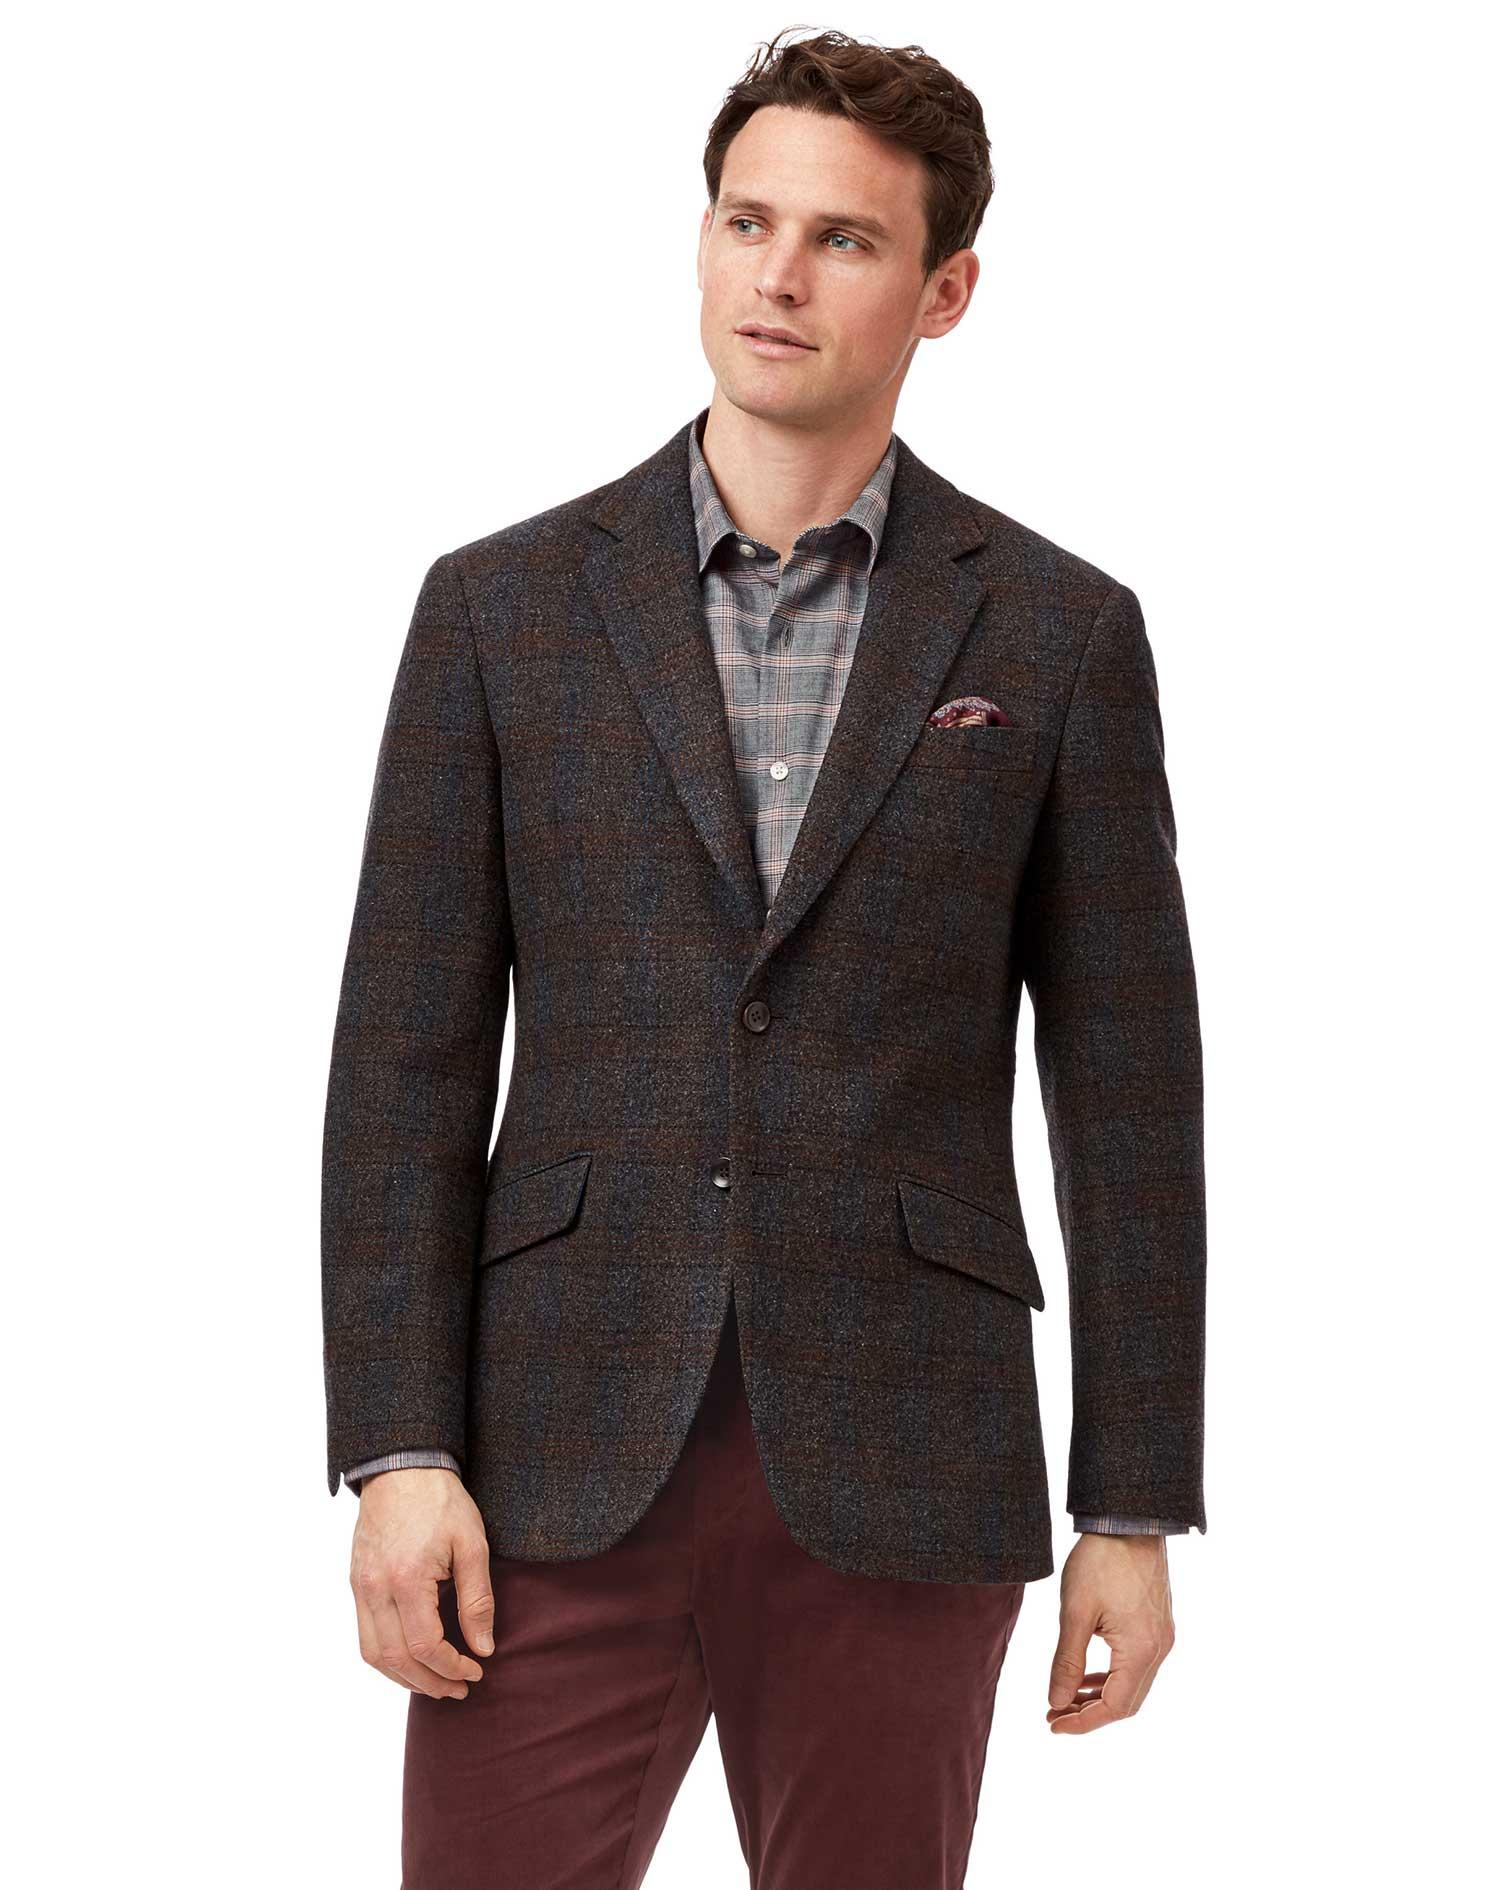 Slim Fit Brown Check Textured Wool Jacket